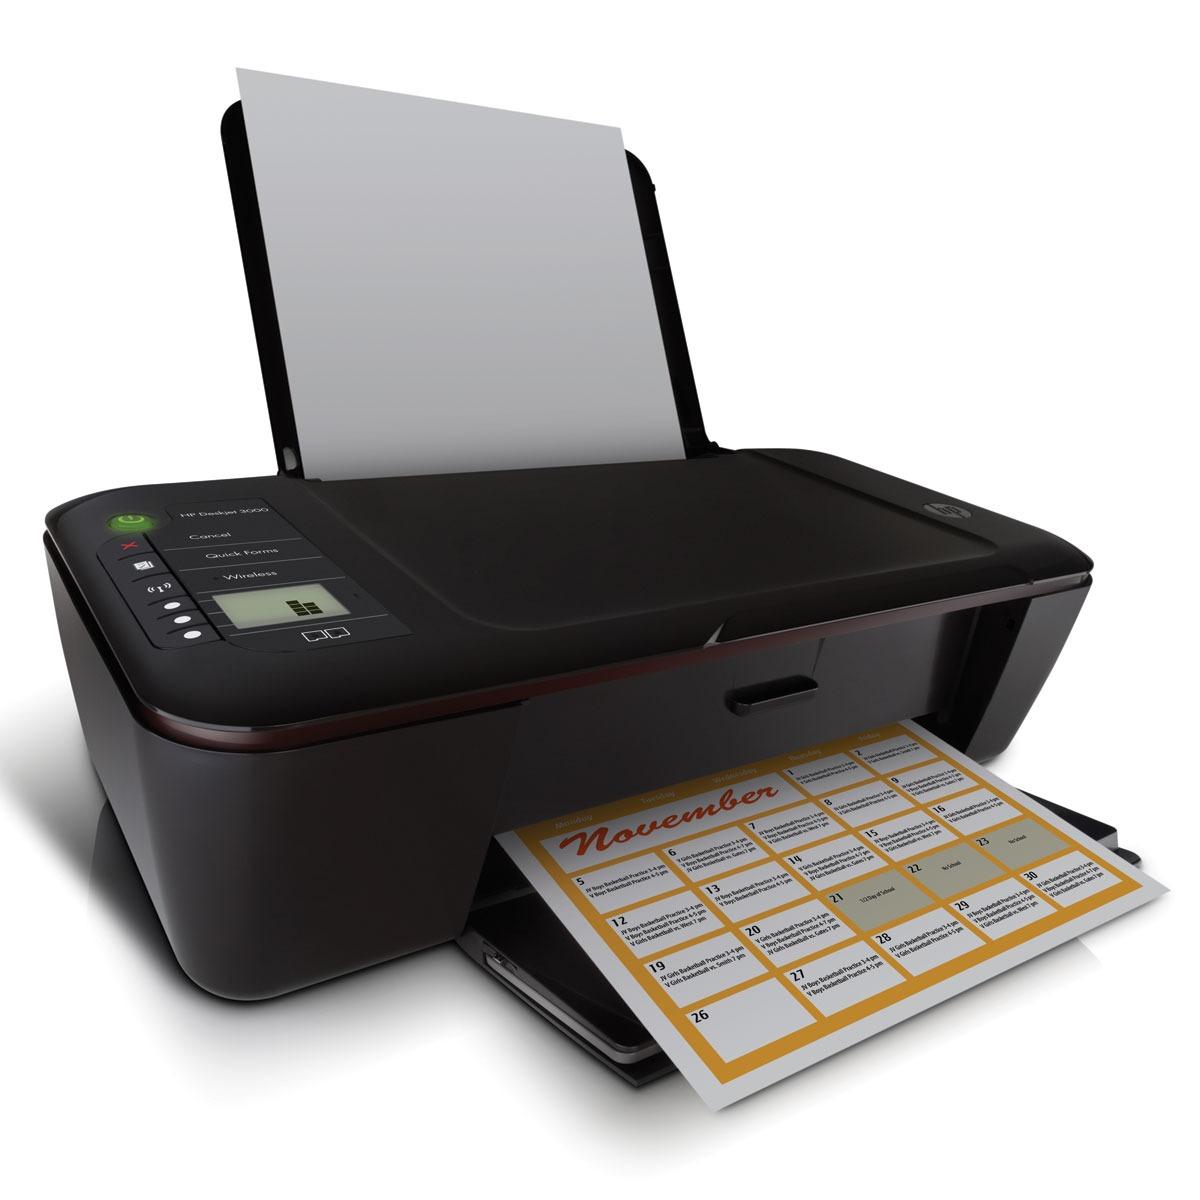 hp deskjet 3000 imprimante jet d 39 encre hp sur ldlc. Black Bedroom Furniture Sets. Home Design Ideas